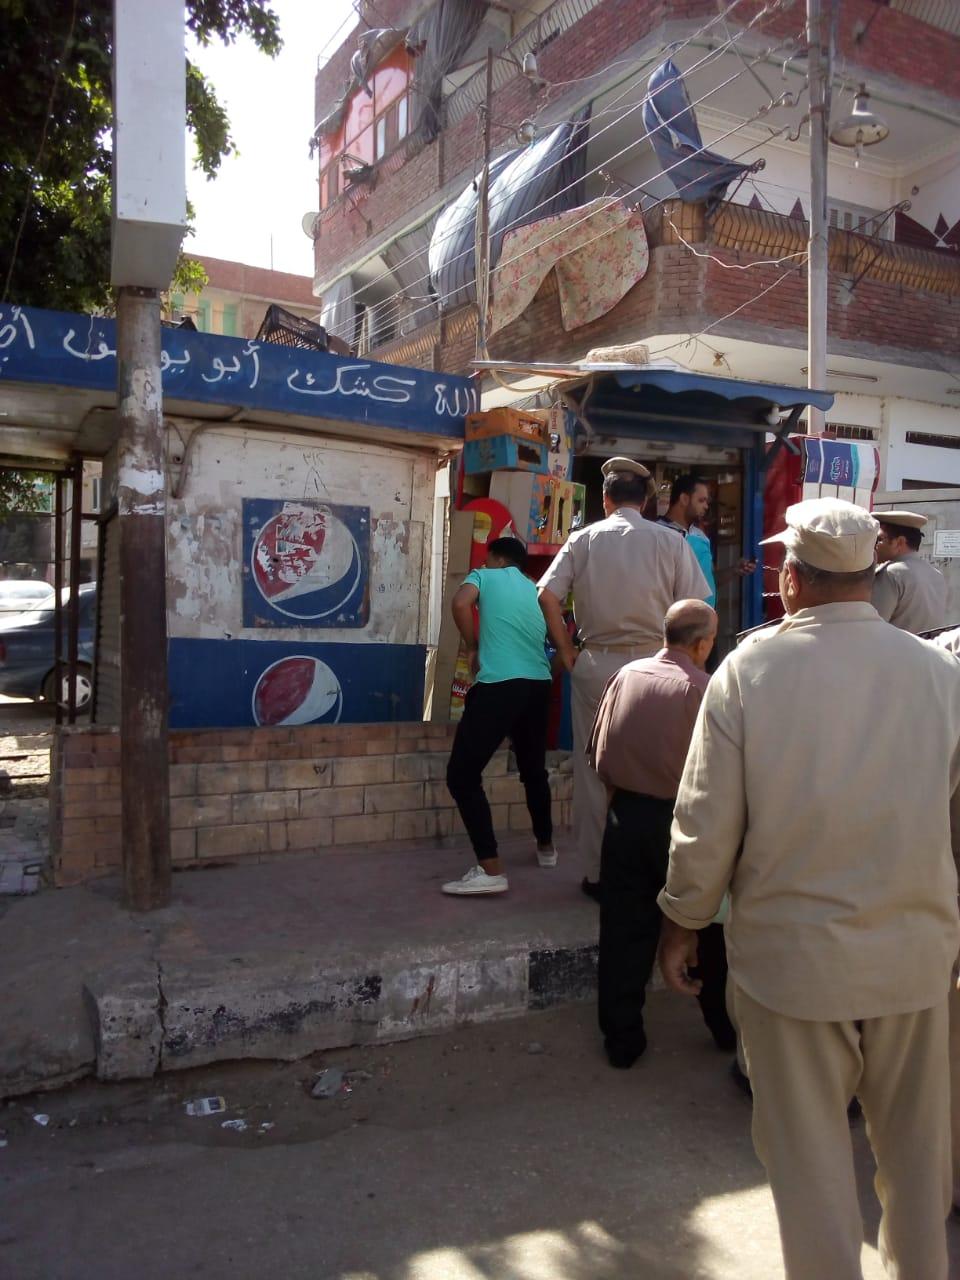 حملة إزالات مكبرة بشوارع الزقازيق